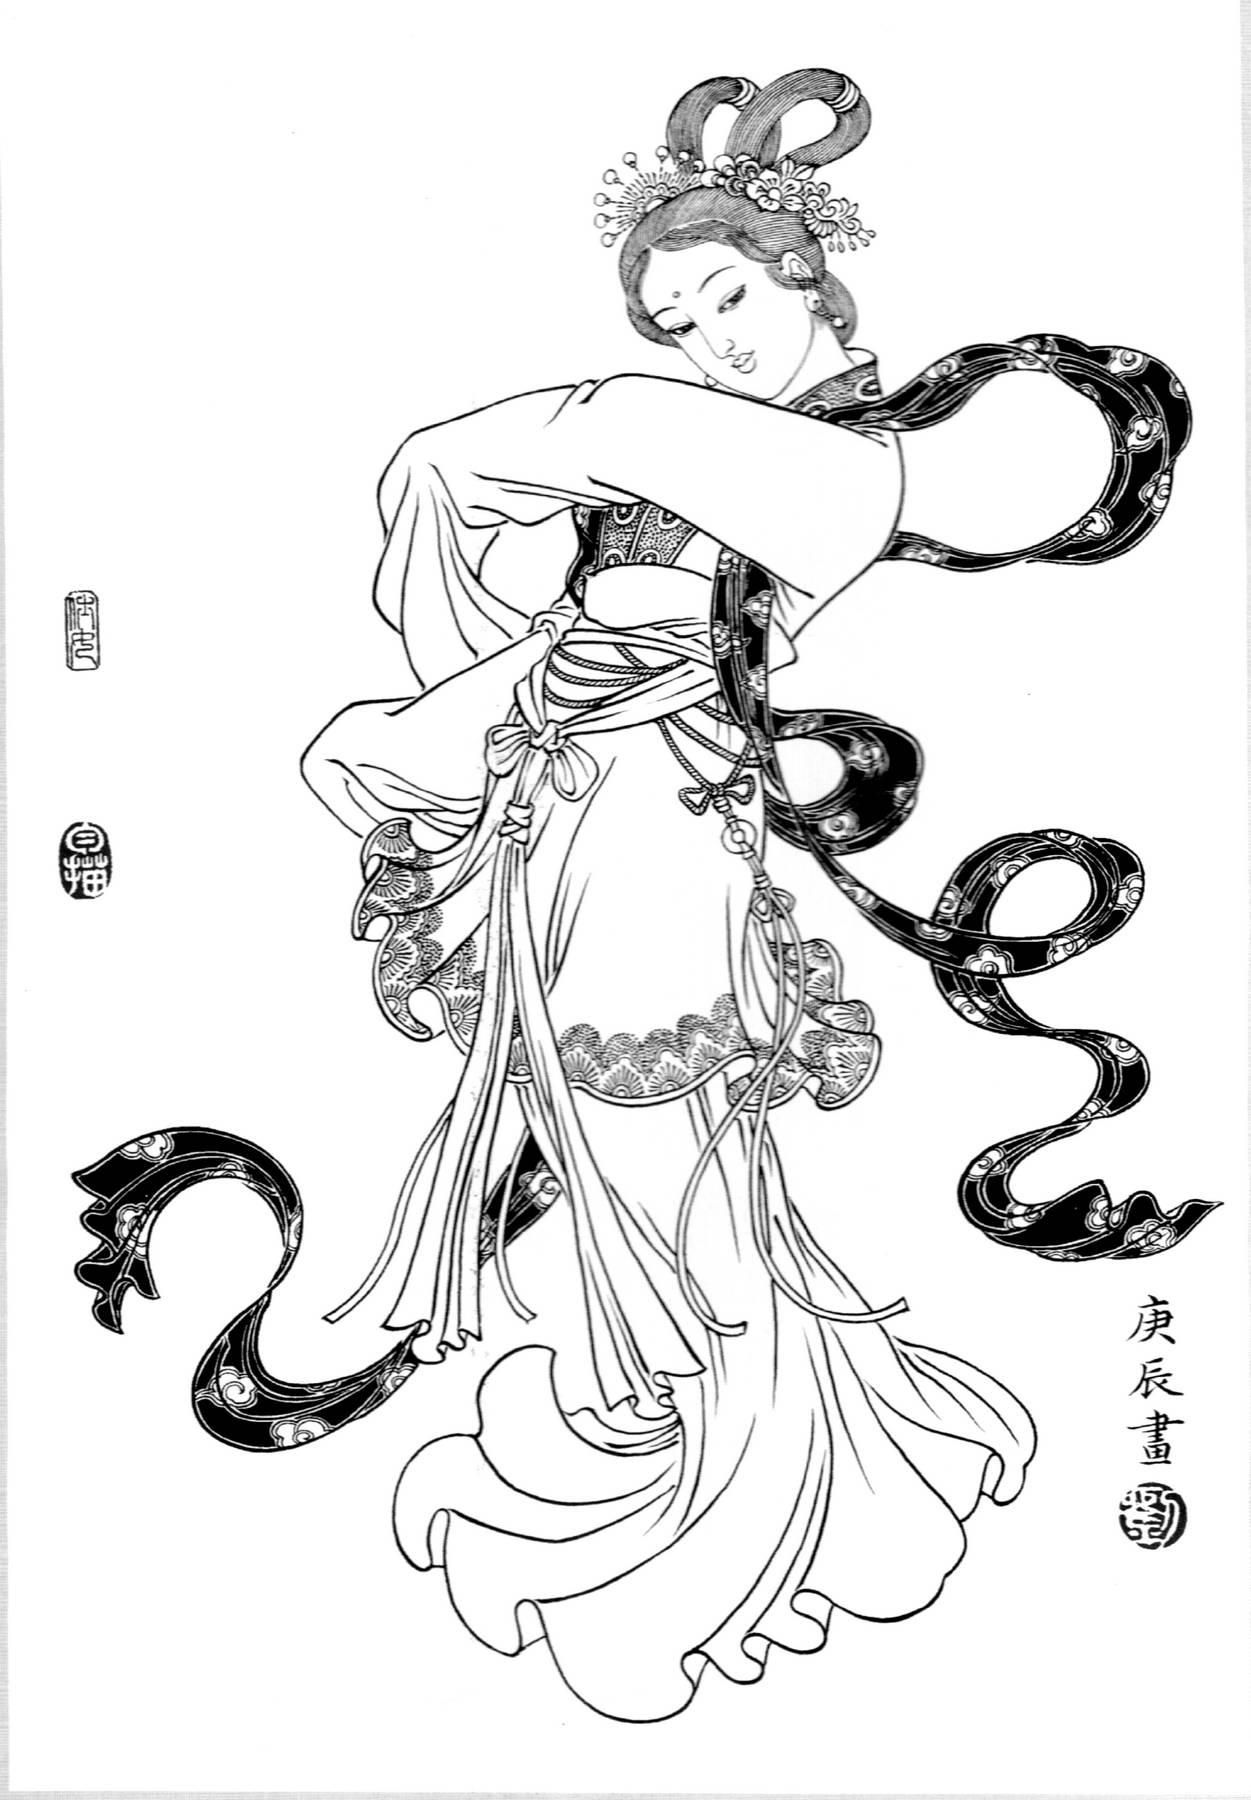 []0002_工笔画刘公华白描仕女白描线稿素材高清图2宫舞_0x0px_jpg_600